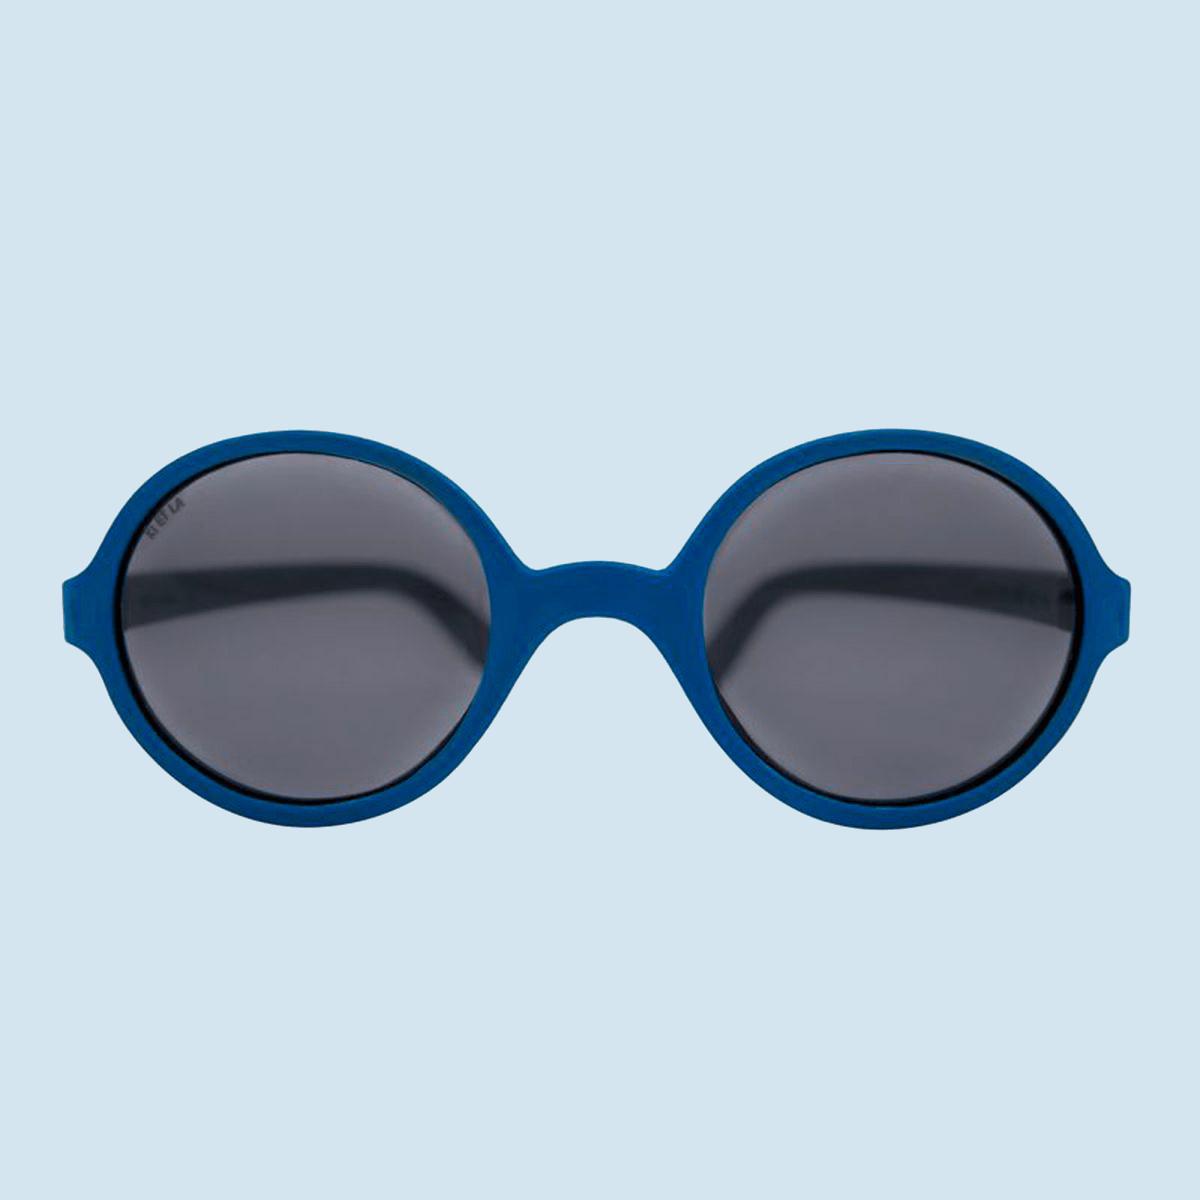 Γυαλιά ηλίου-Kietla - Μπλε